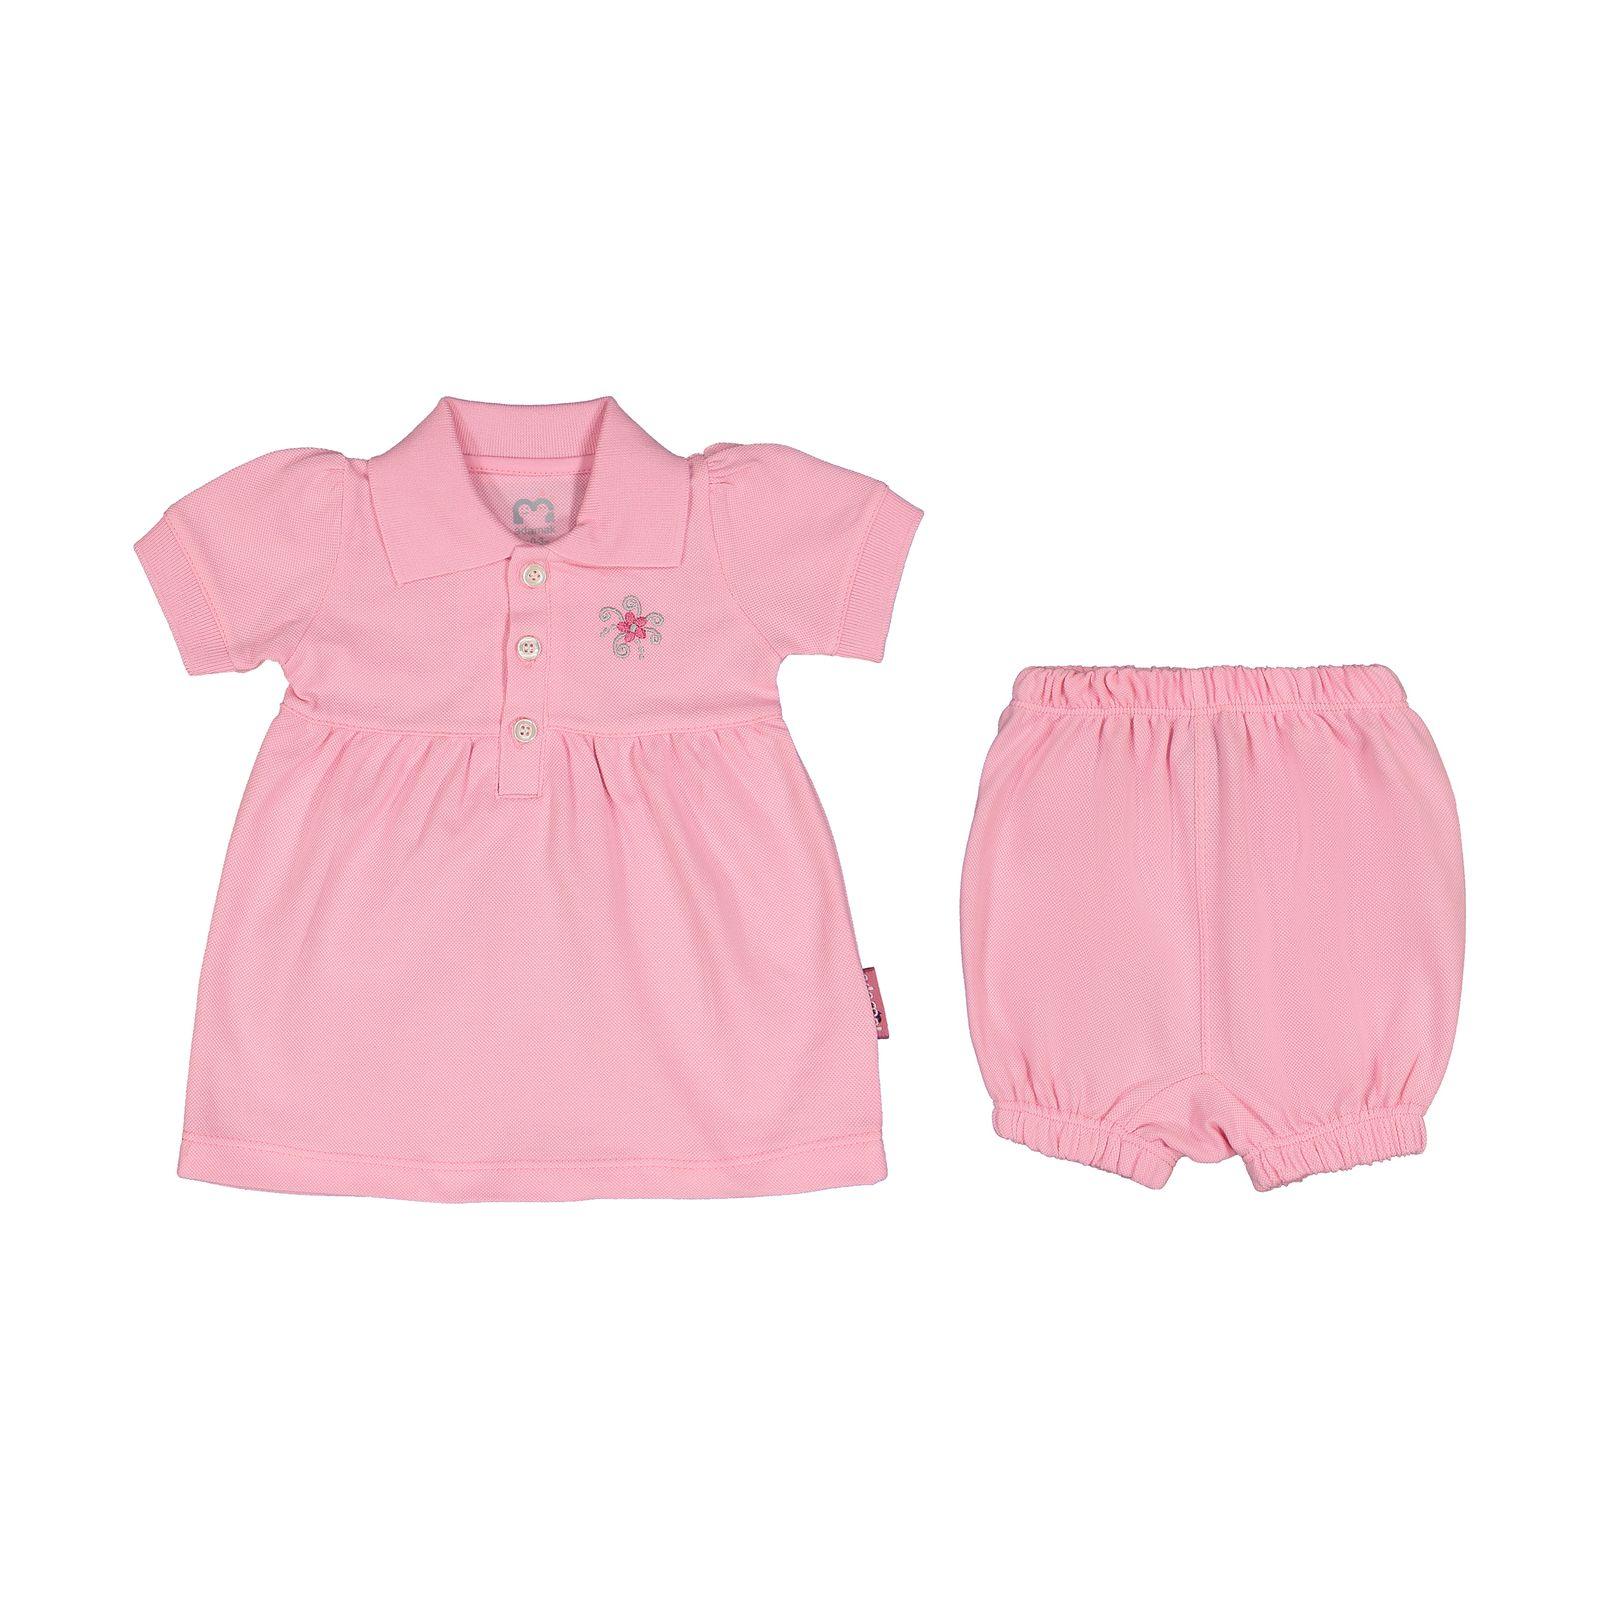 ست پیراهن و شلوارک نوزادی دخترانه آدمک مدل 2171109-84 -  - 2